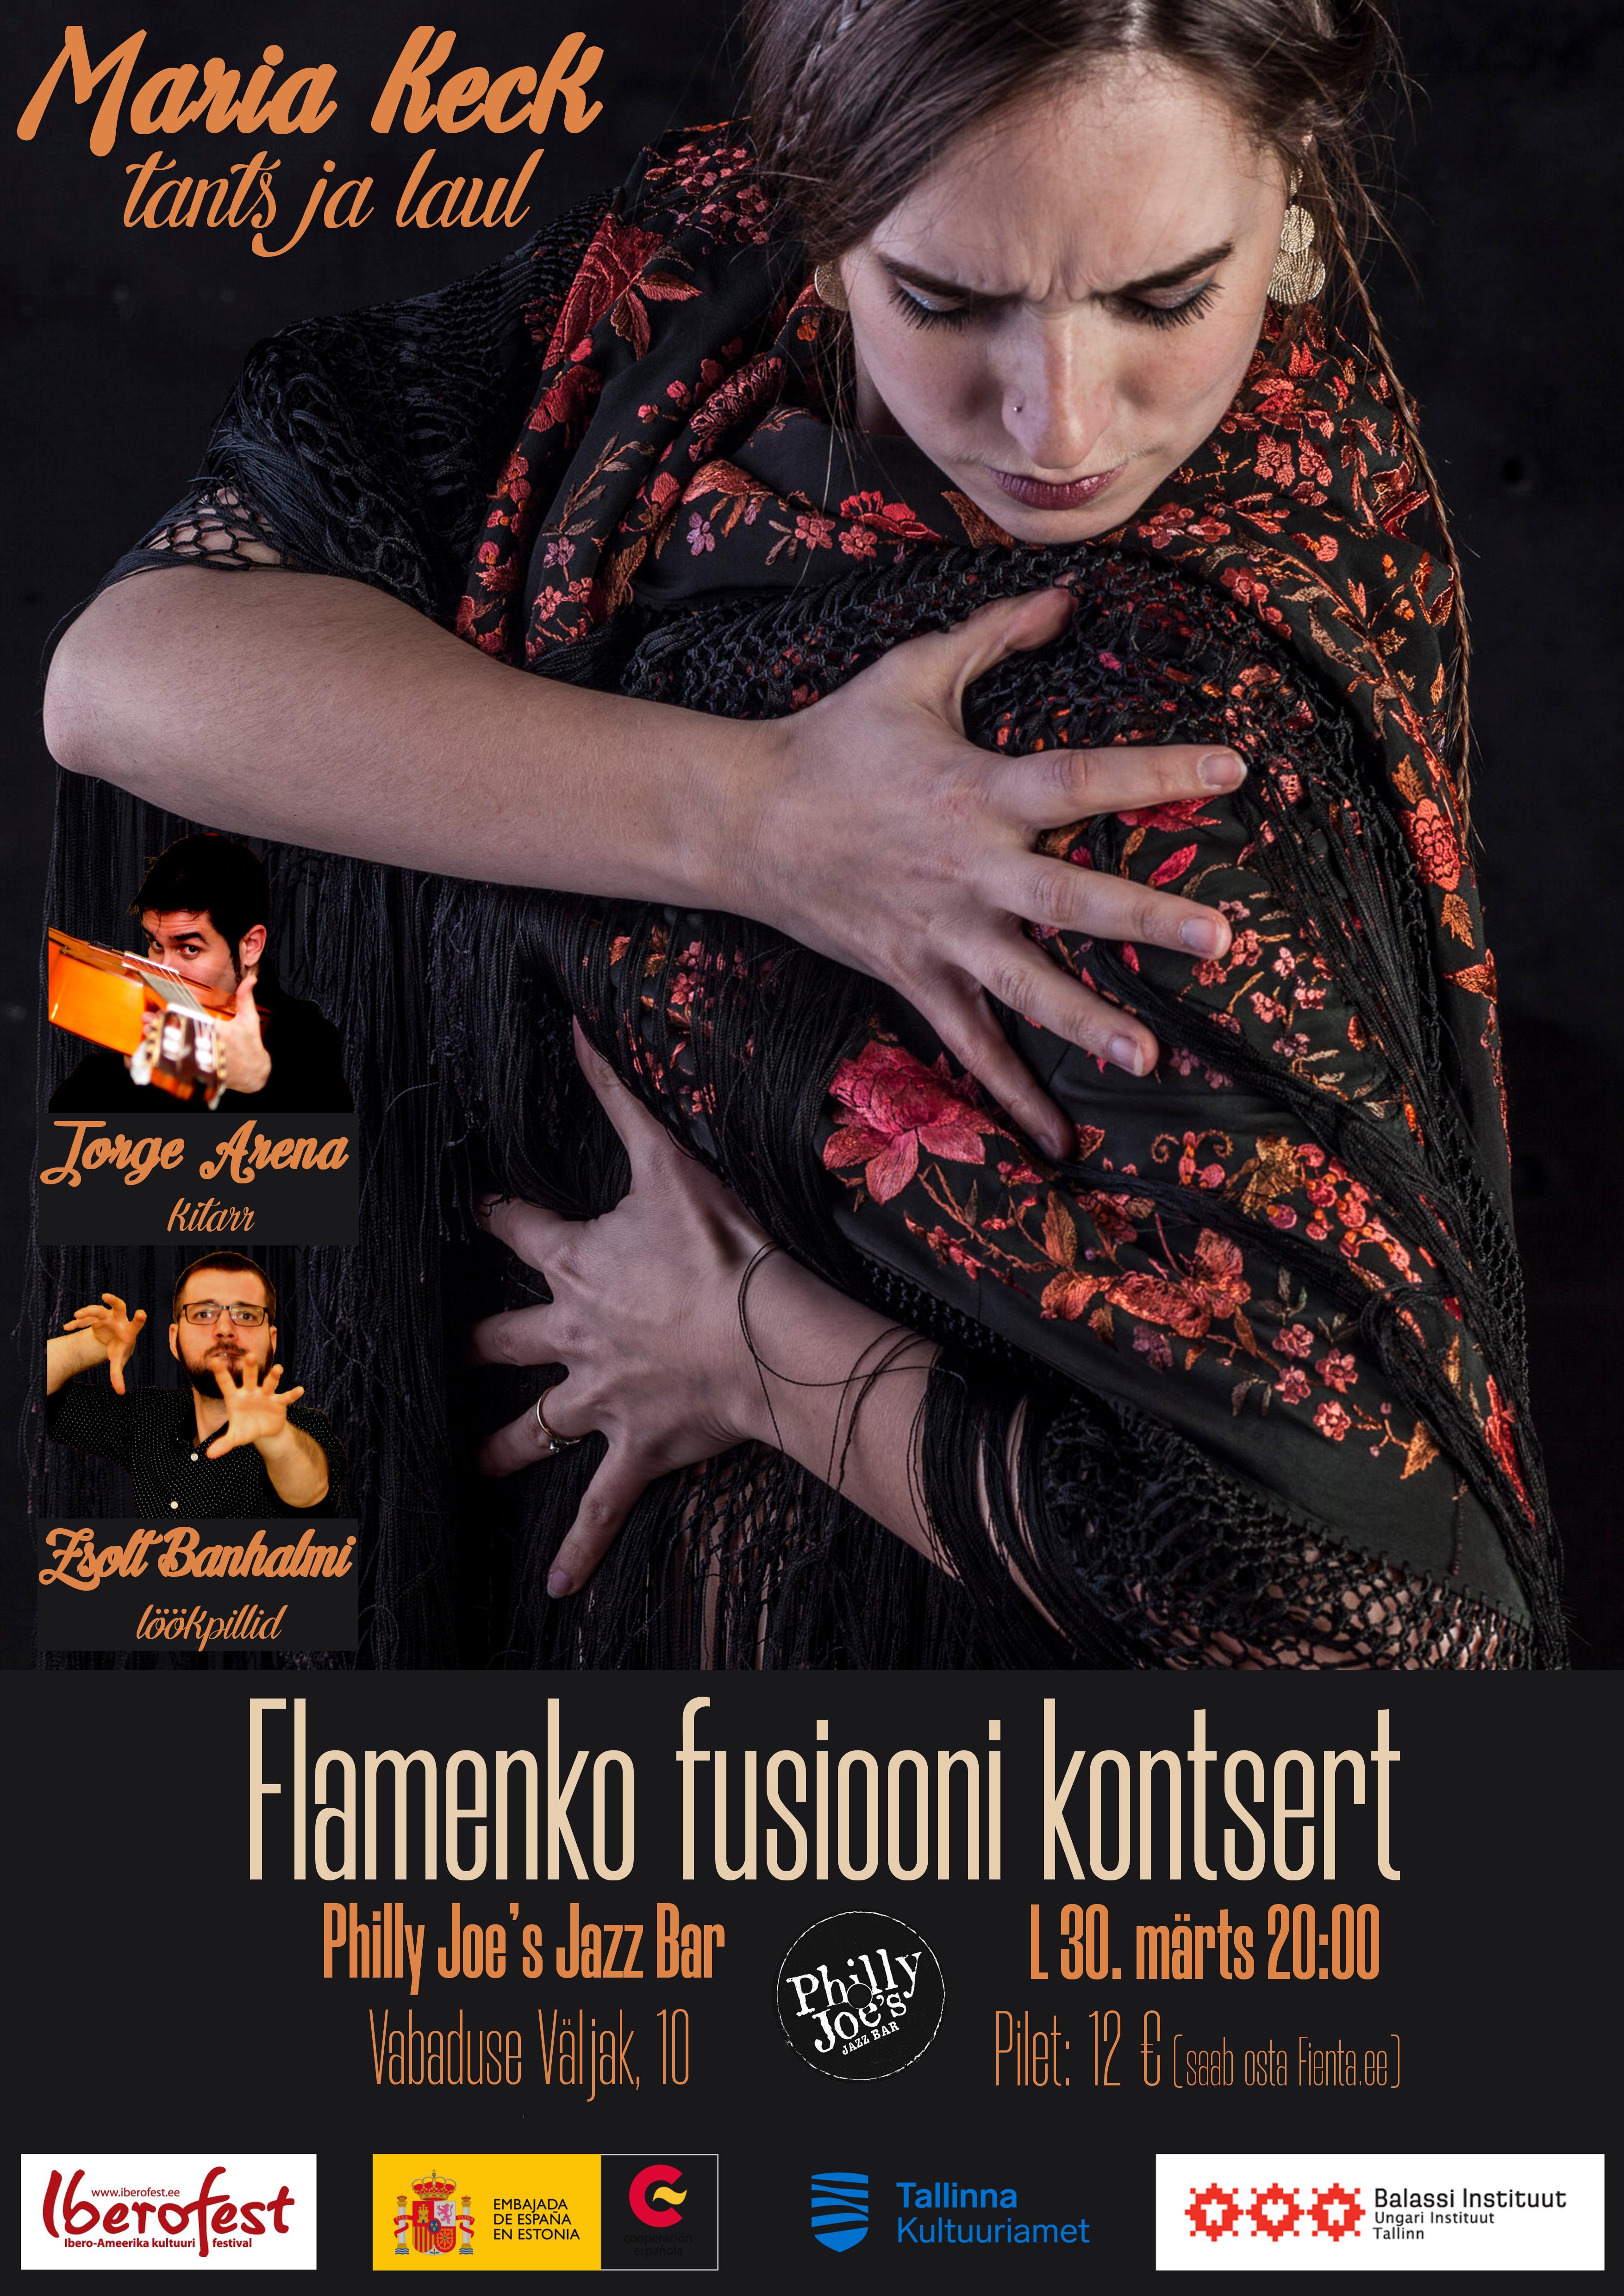 20190330 Maria Keck 2019 Tallinn + saabo